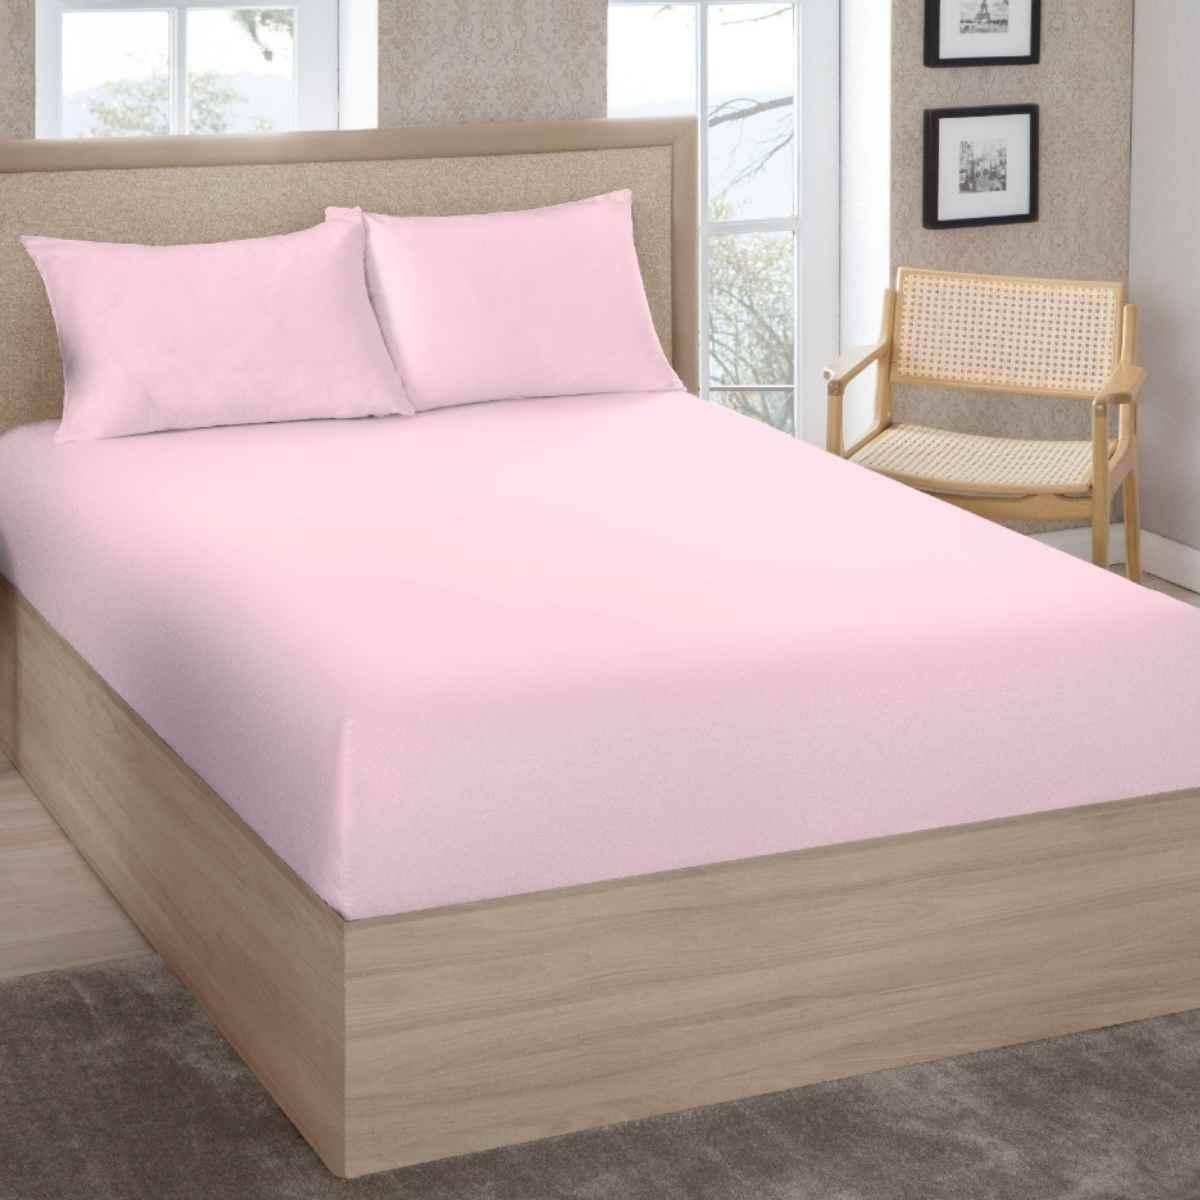 Lençol Premium King 200 Fios 100% Algodão C/Elástico Rosê